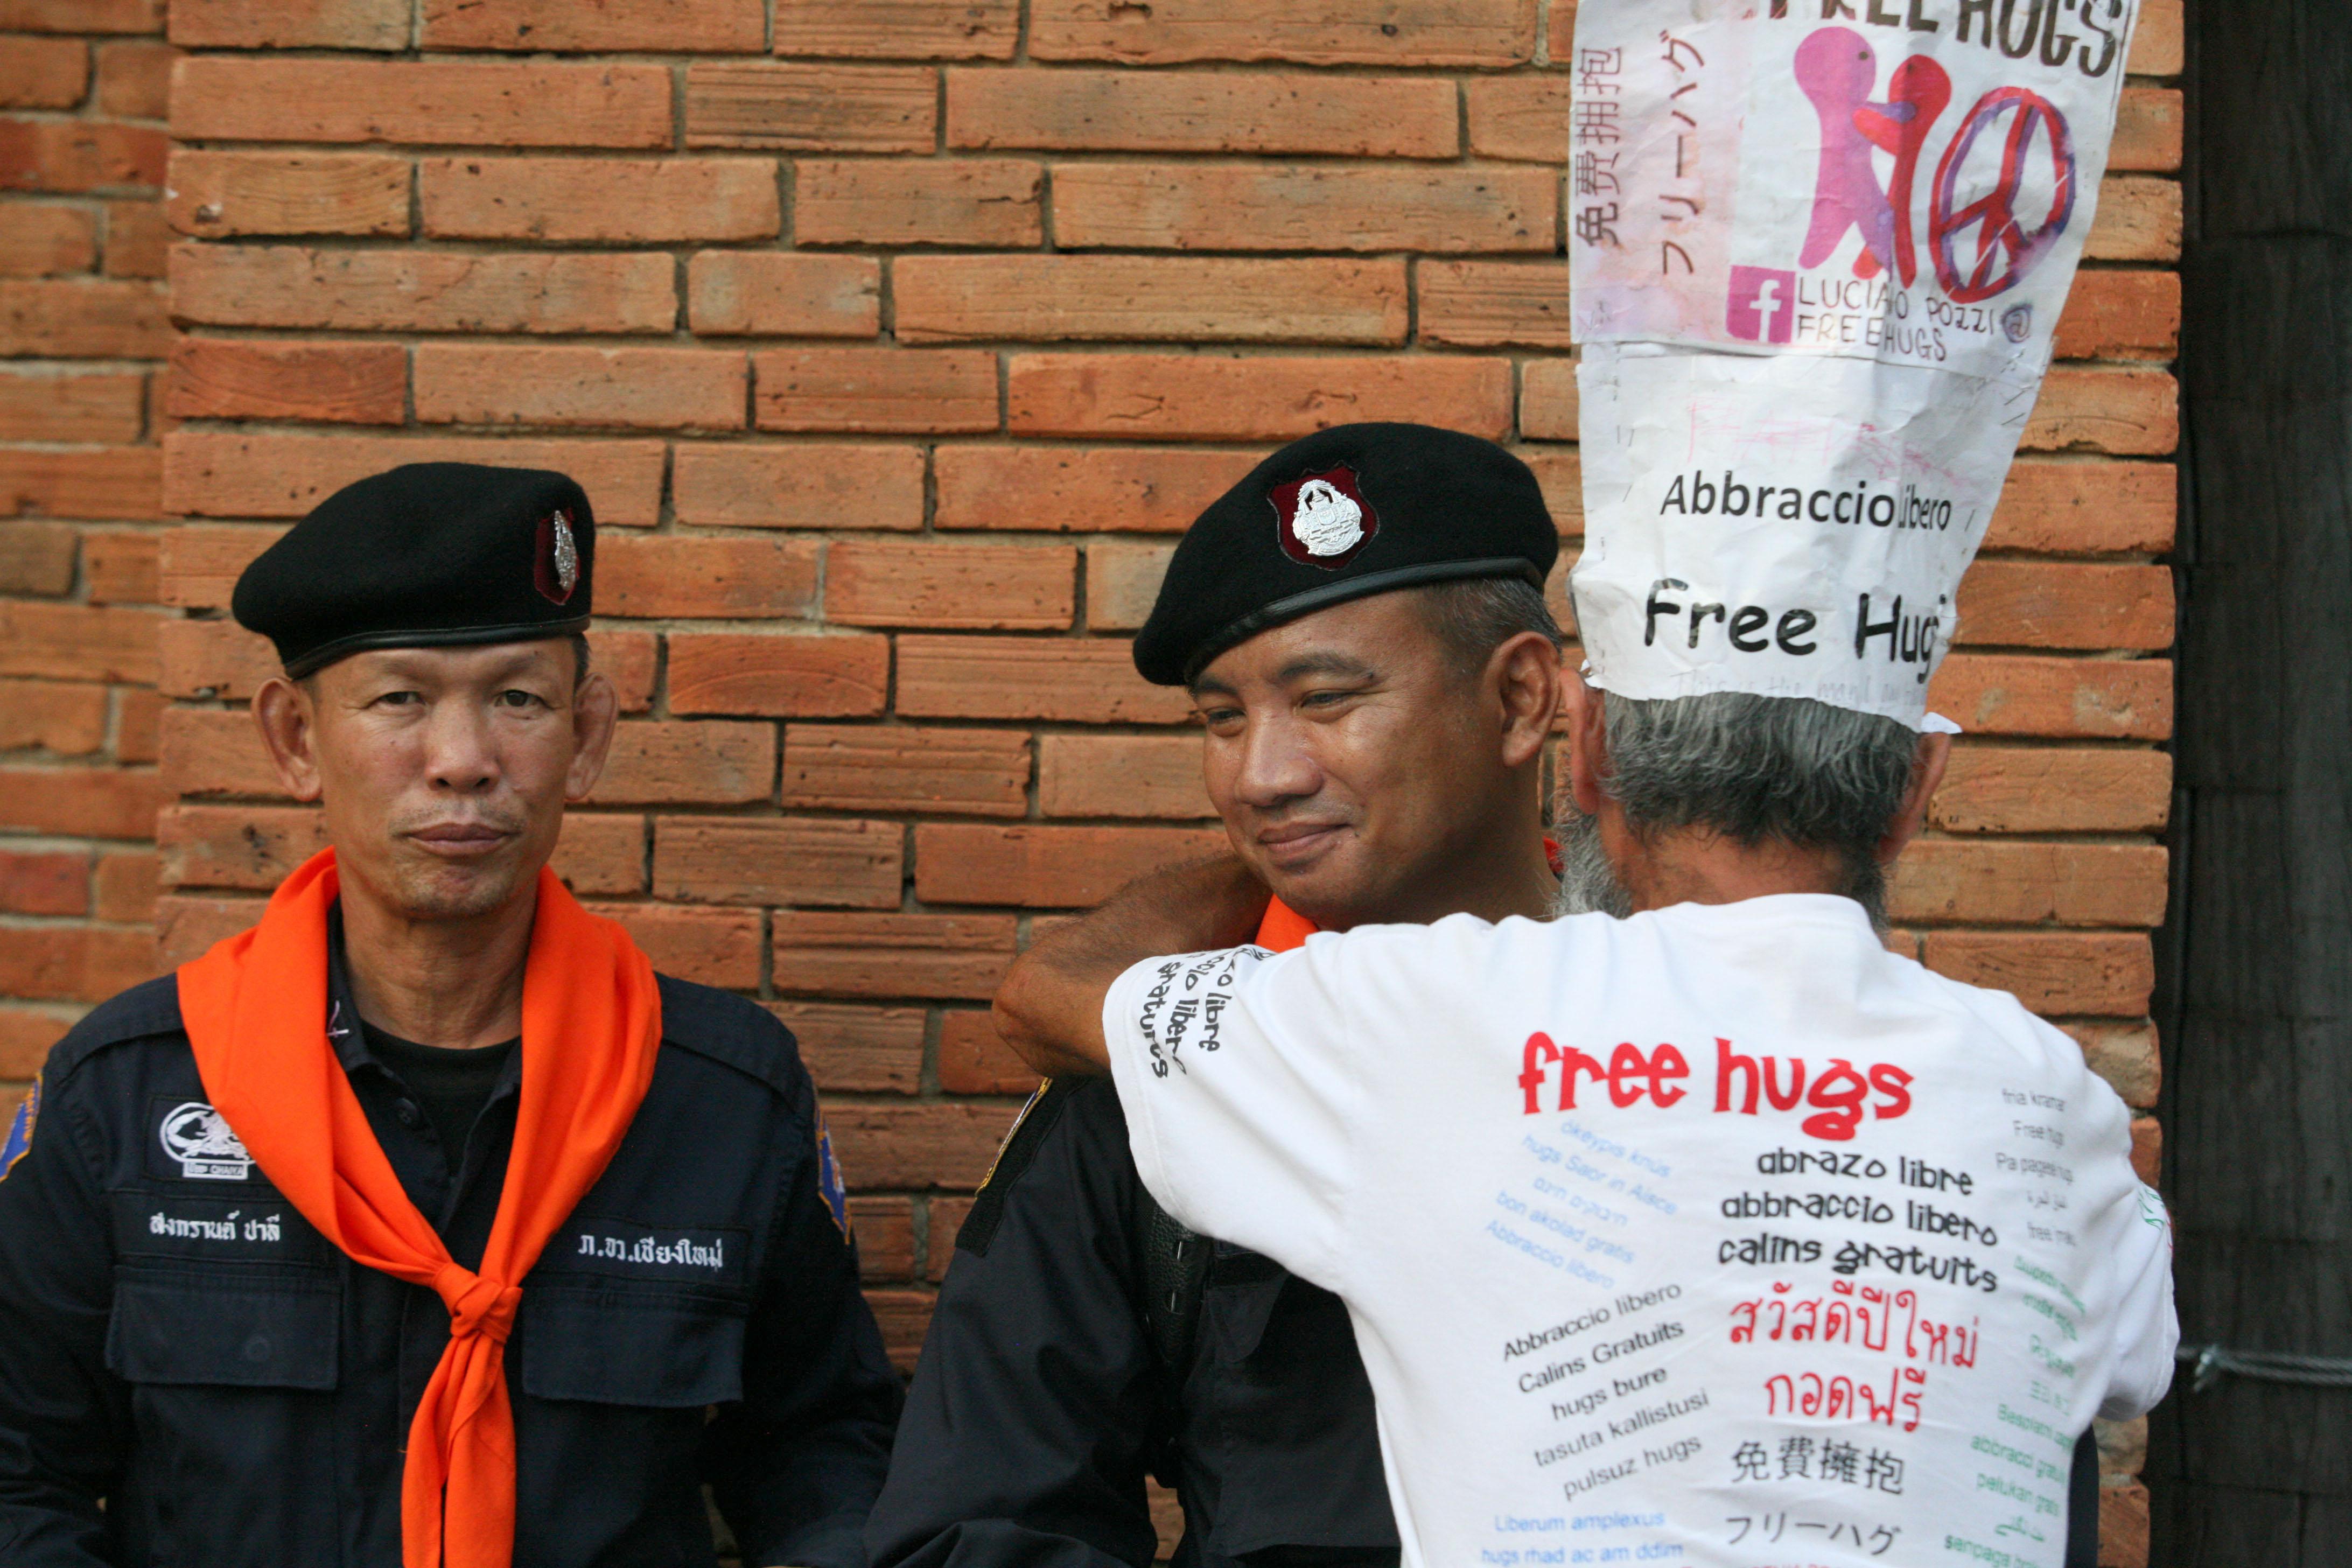 Thailand Under the Junta